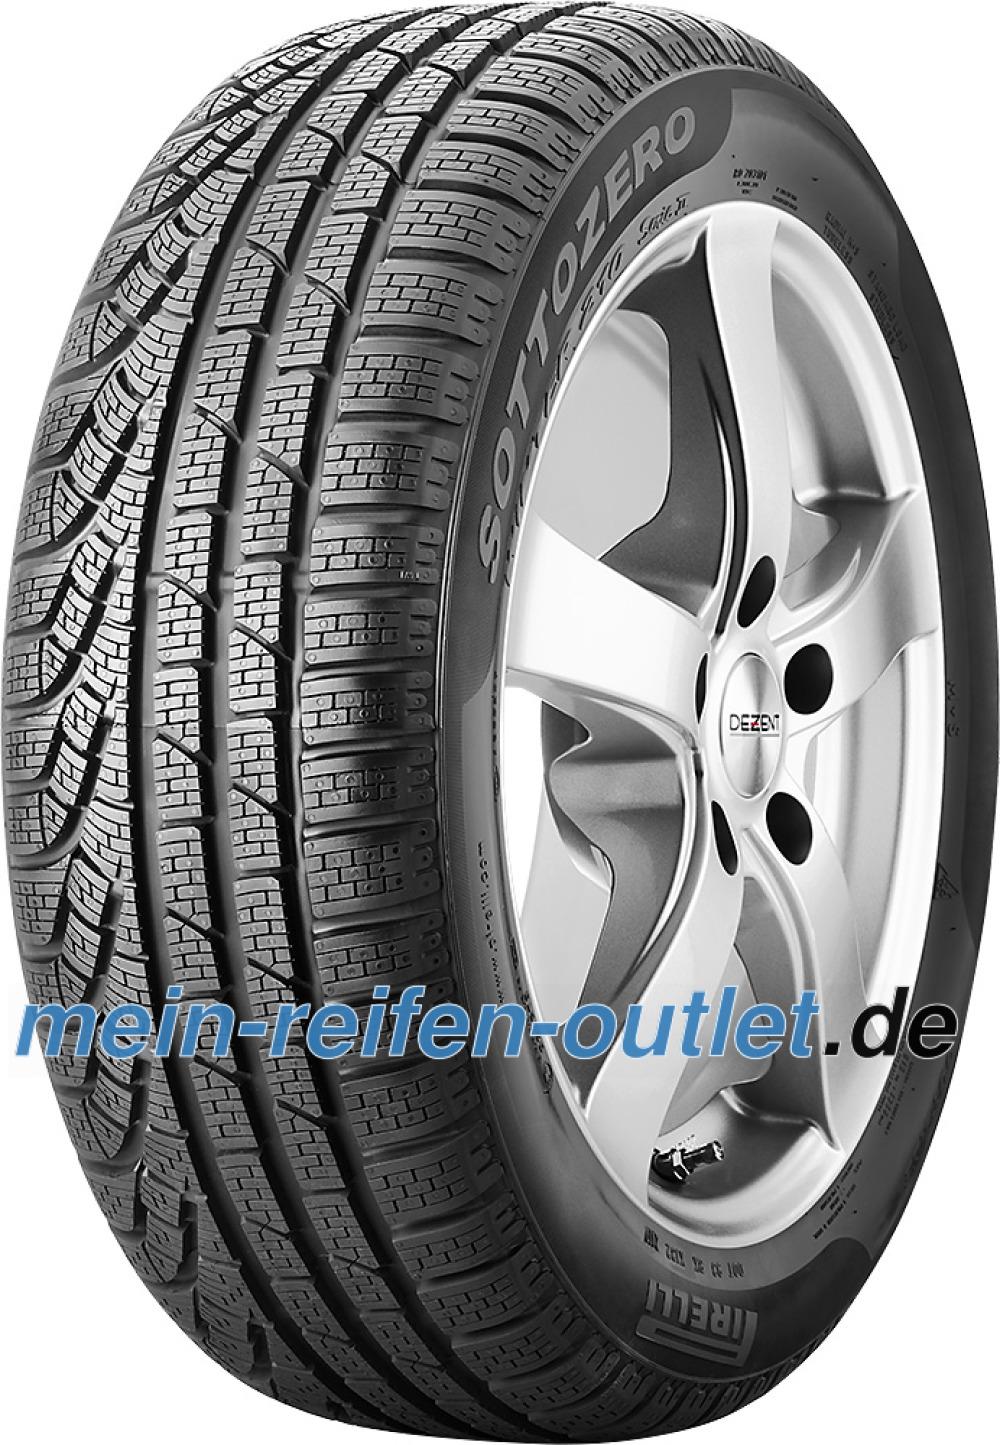 Pirelli W 210 SottoZero S2 ( 205/60 R16 92H AO, MO, mit Felgenschutz (MFS) )